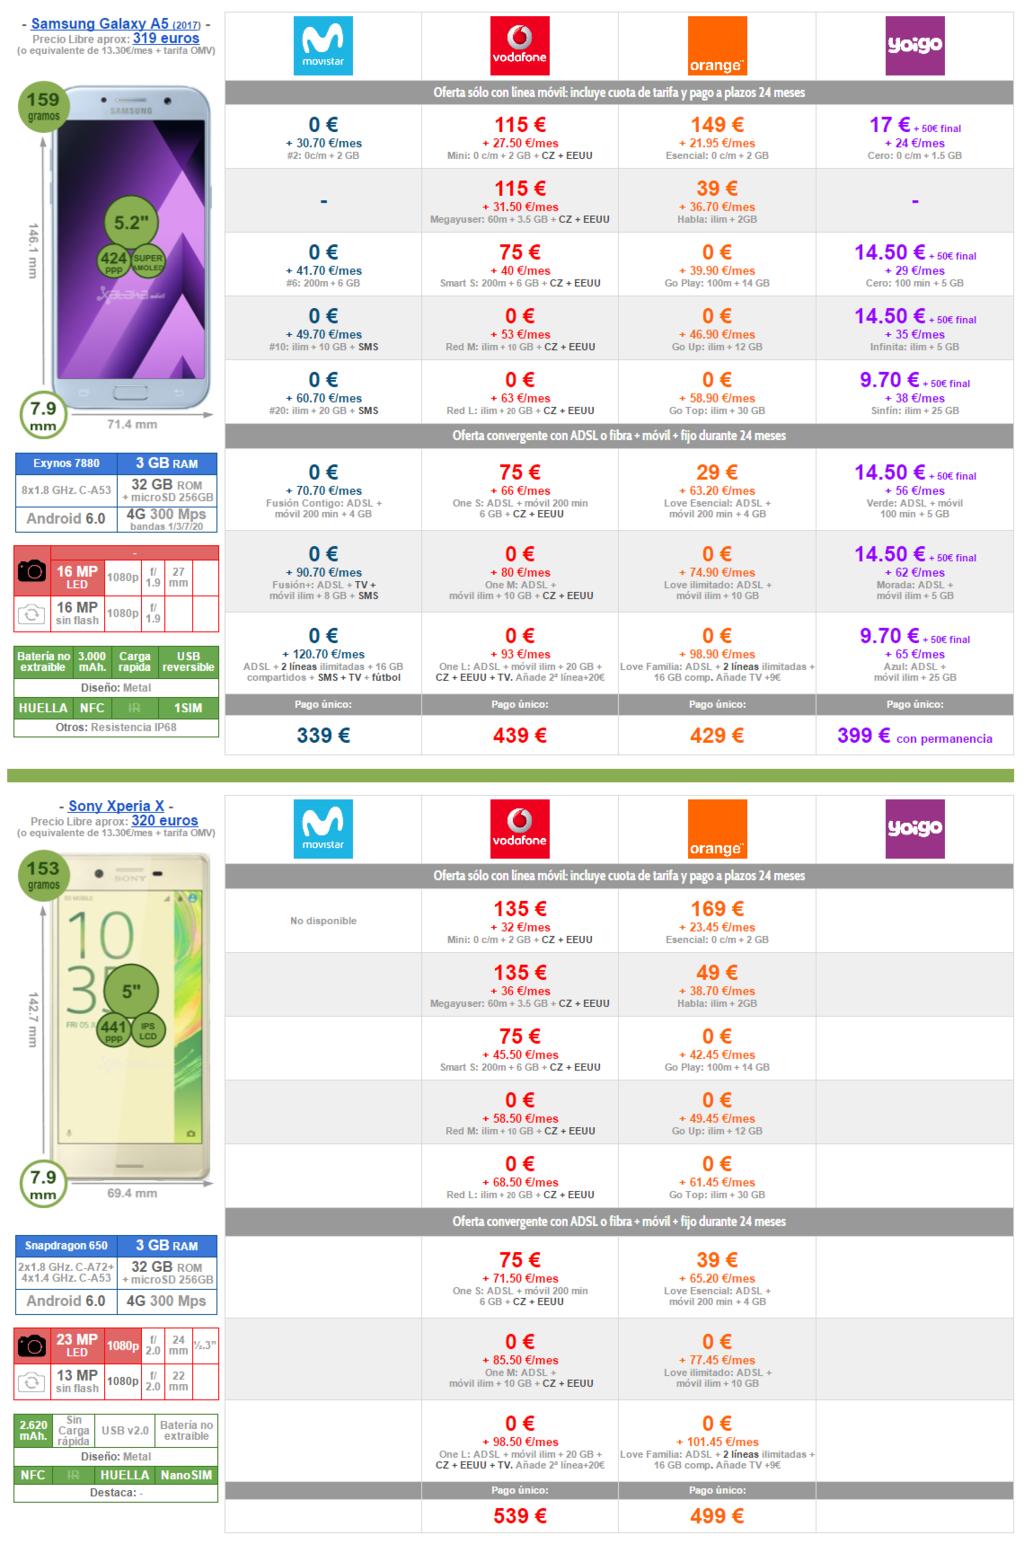 Mejor Precio Samsung™ Galaxy™ A5 Y Sony™ Xperia™ X Con Pago A Plazos